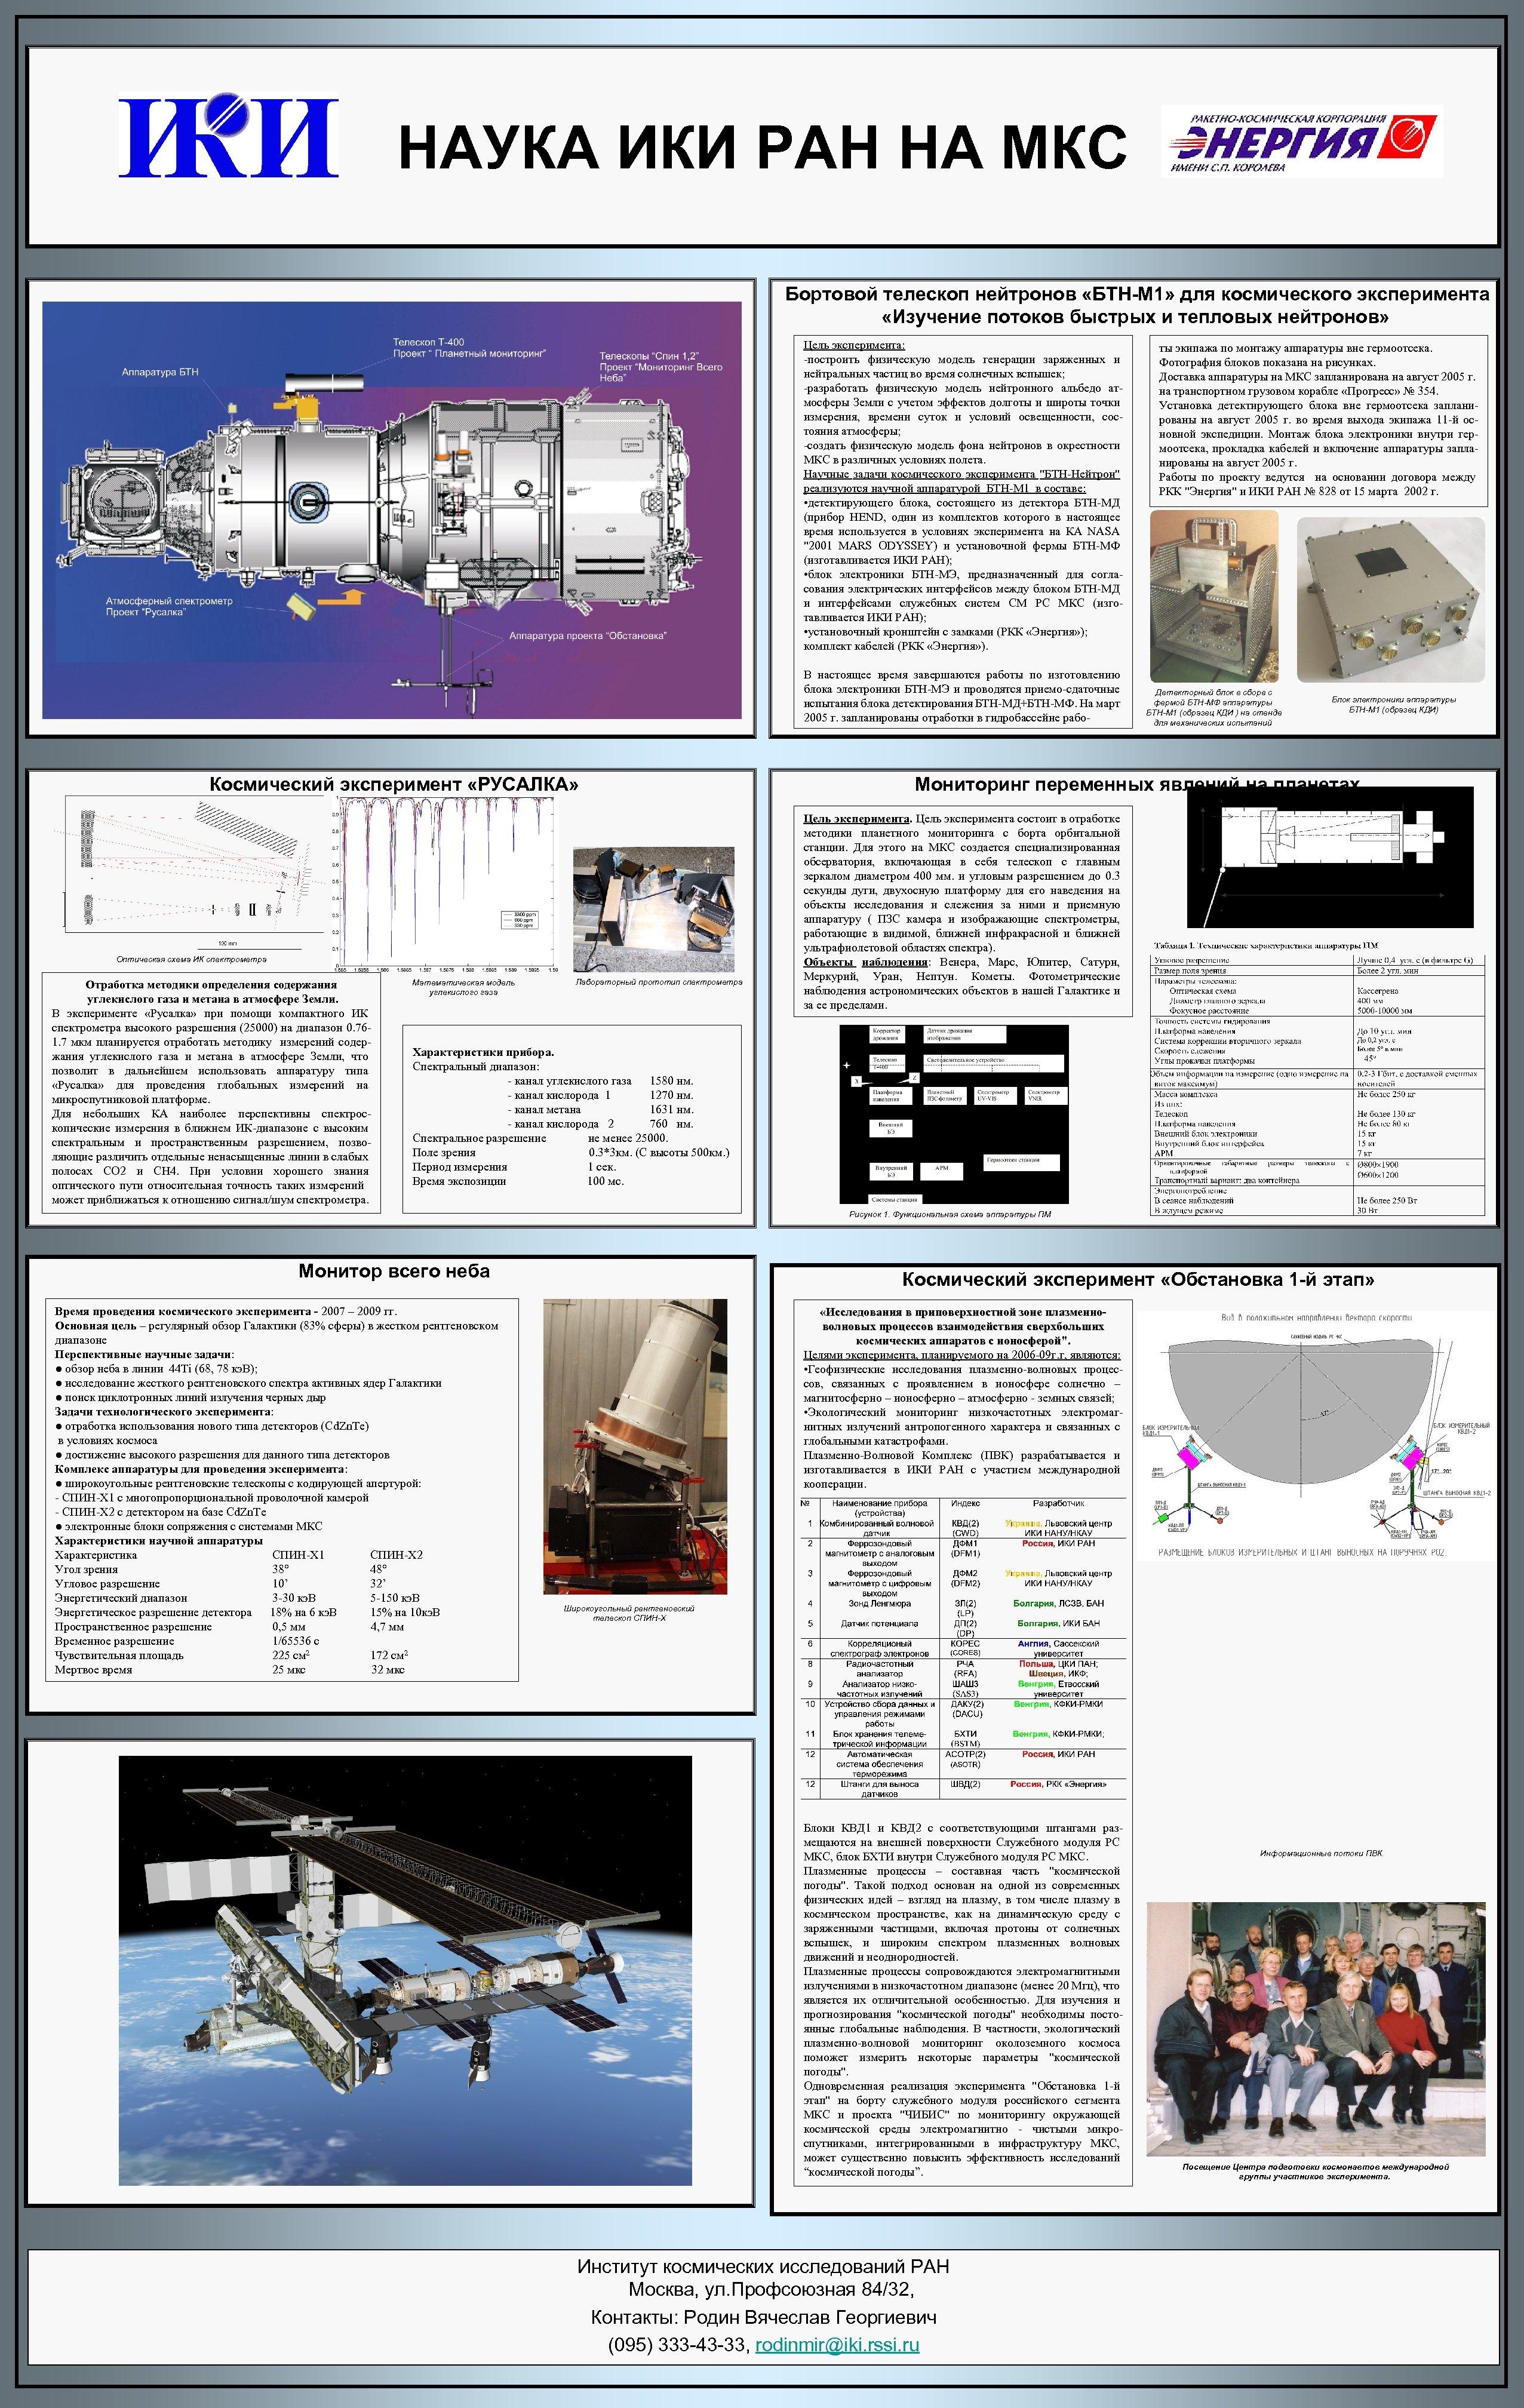 НАУКА ИКИ РАН НА МКС Бортовой телескоп нейтронов «БТН-М 1» для космического эксперимента «Изучение